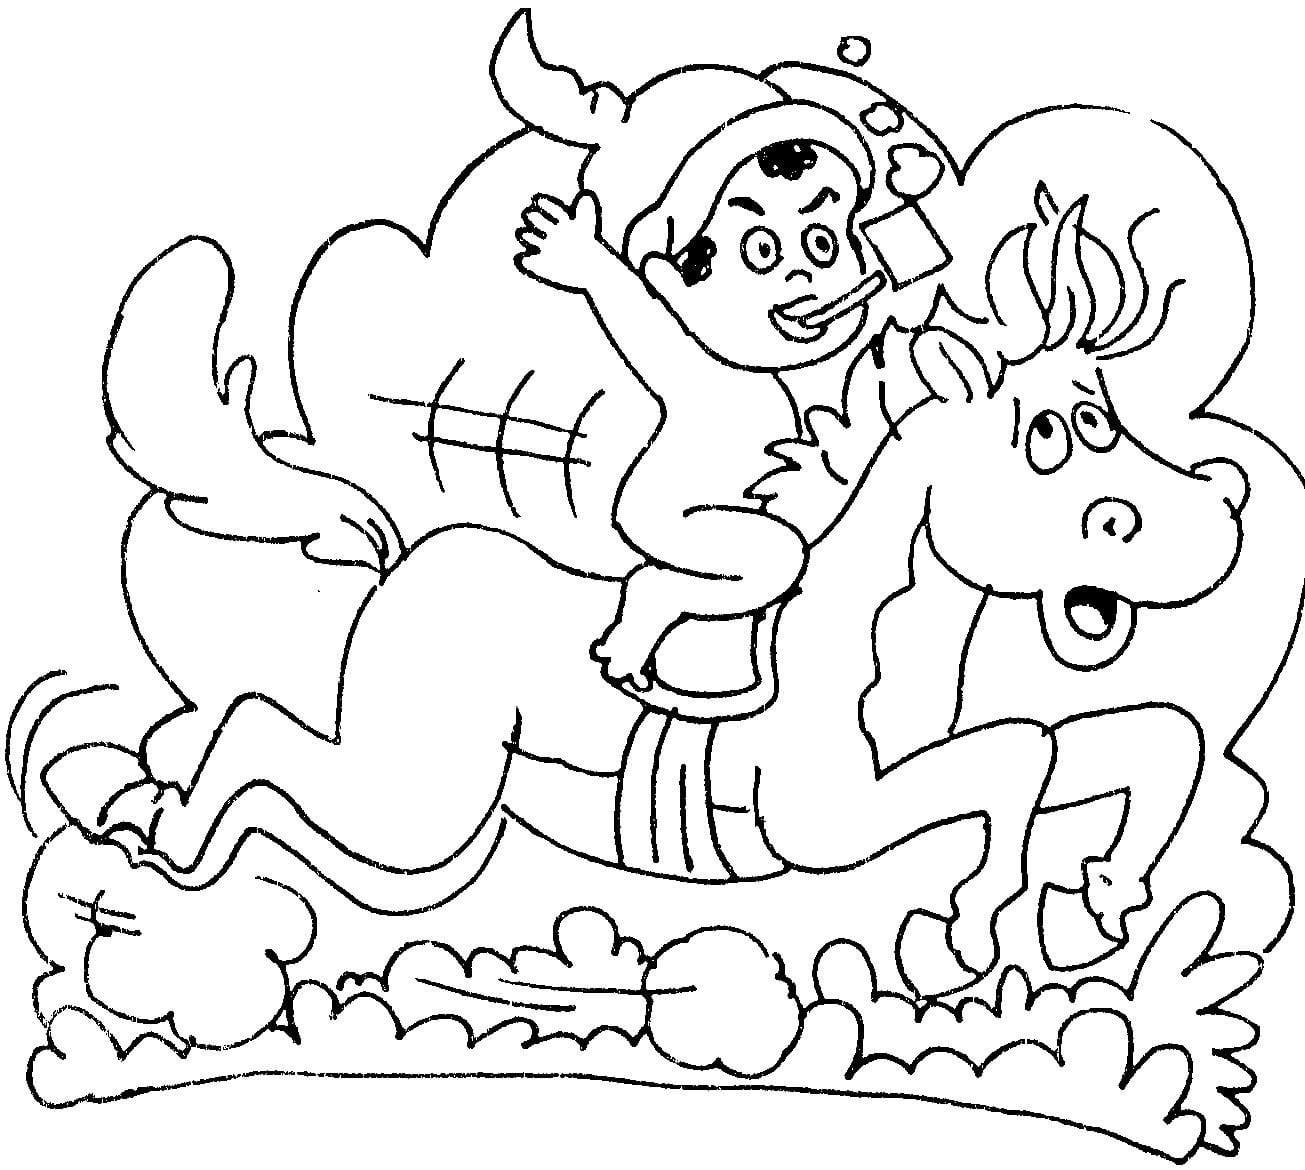 Desenho De Saci E Cavalo Para Colorir